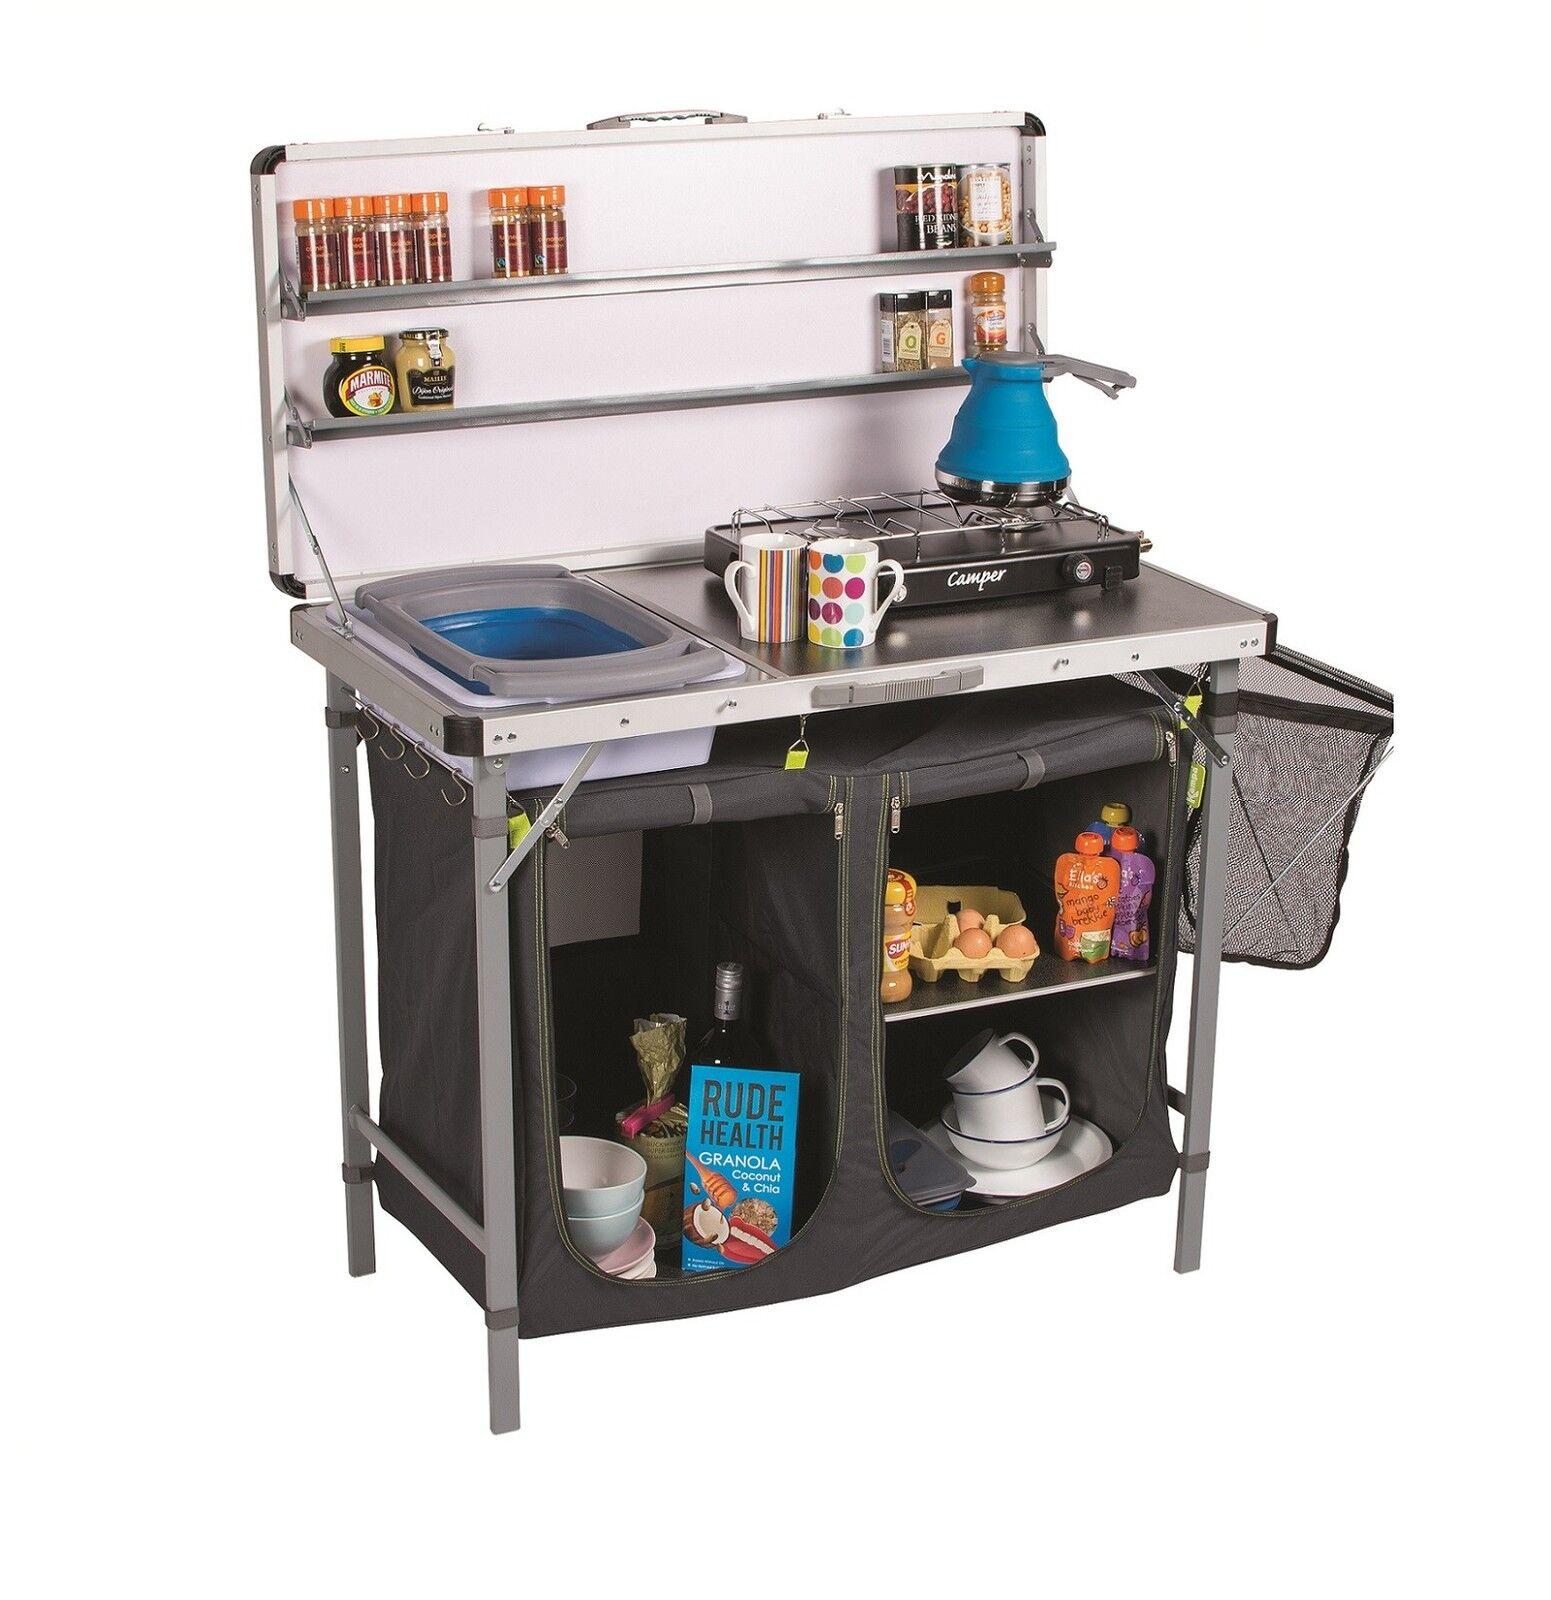 s l1600 - Extra Grande Plegable Acampada Campo Cocina con Incorporado Lavabo Es Cacique